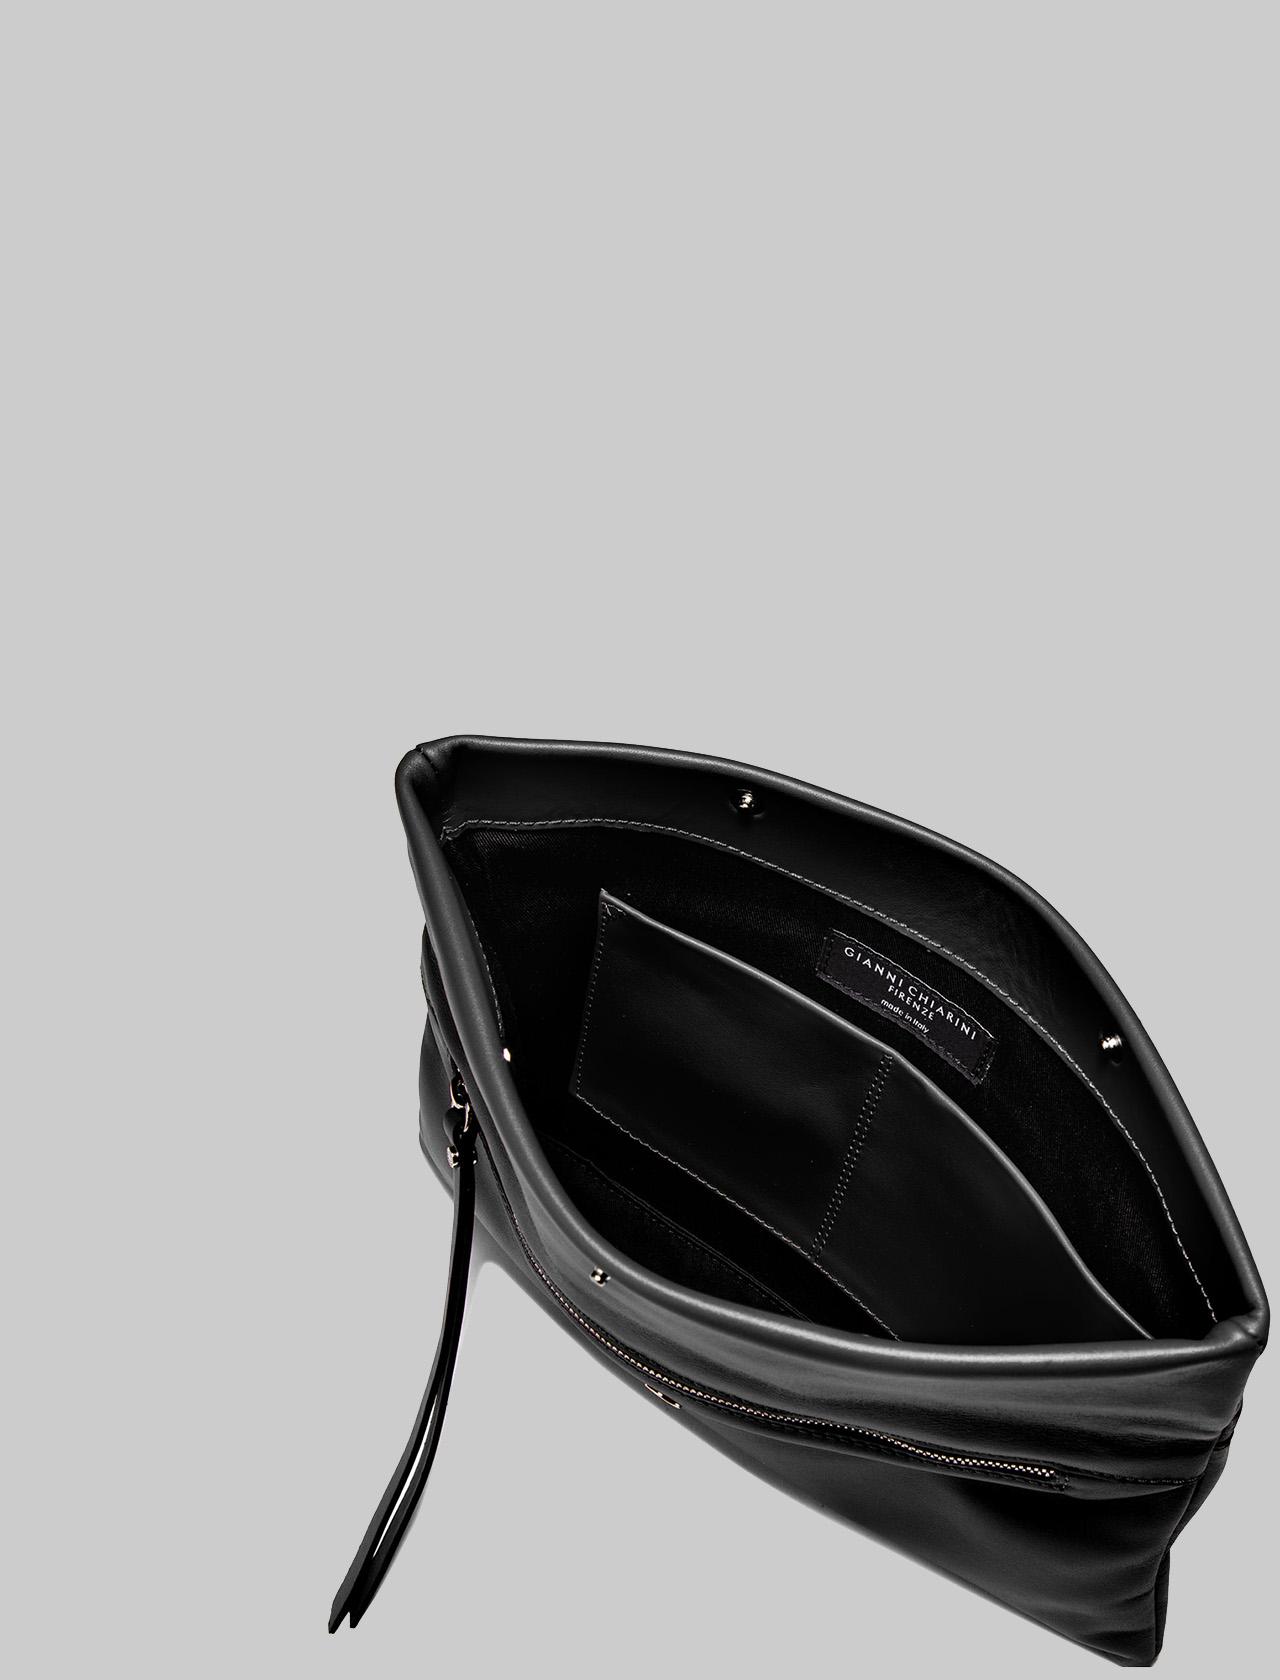 Borsa Donna Pochette Cherry In Pelle Liscia Nera Con Tracolla Removibile A Tono Gianni Chiarini | Borse e zaini | BS7375001